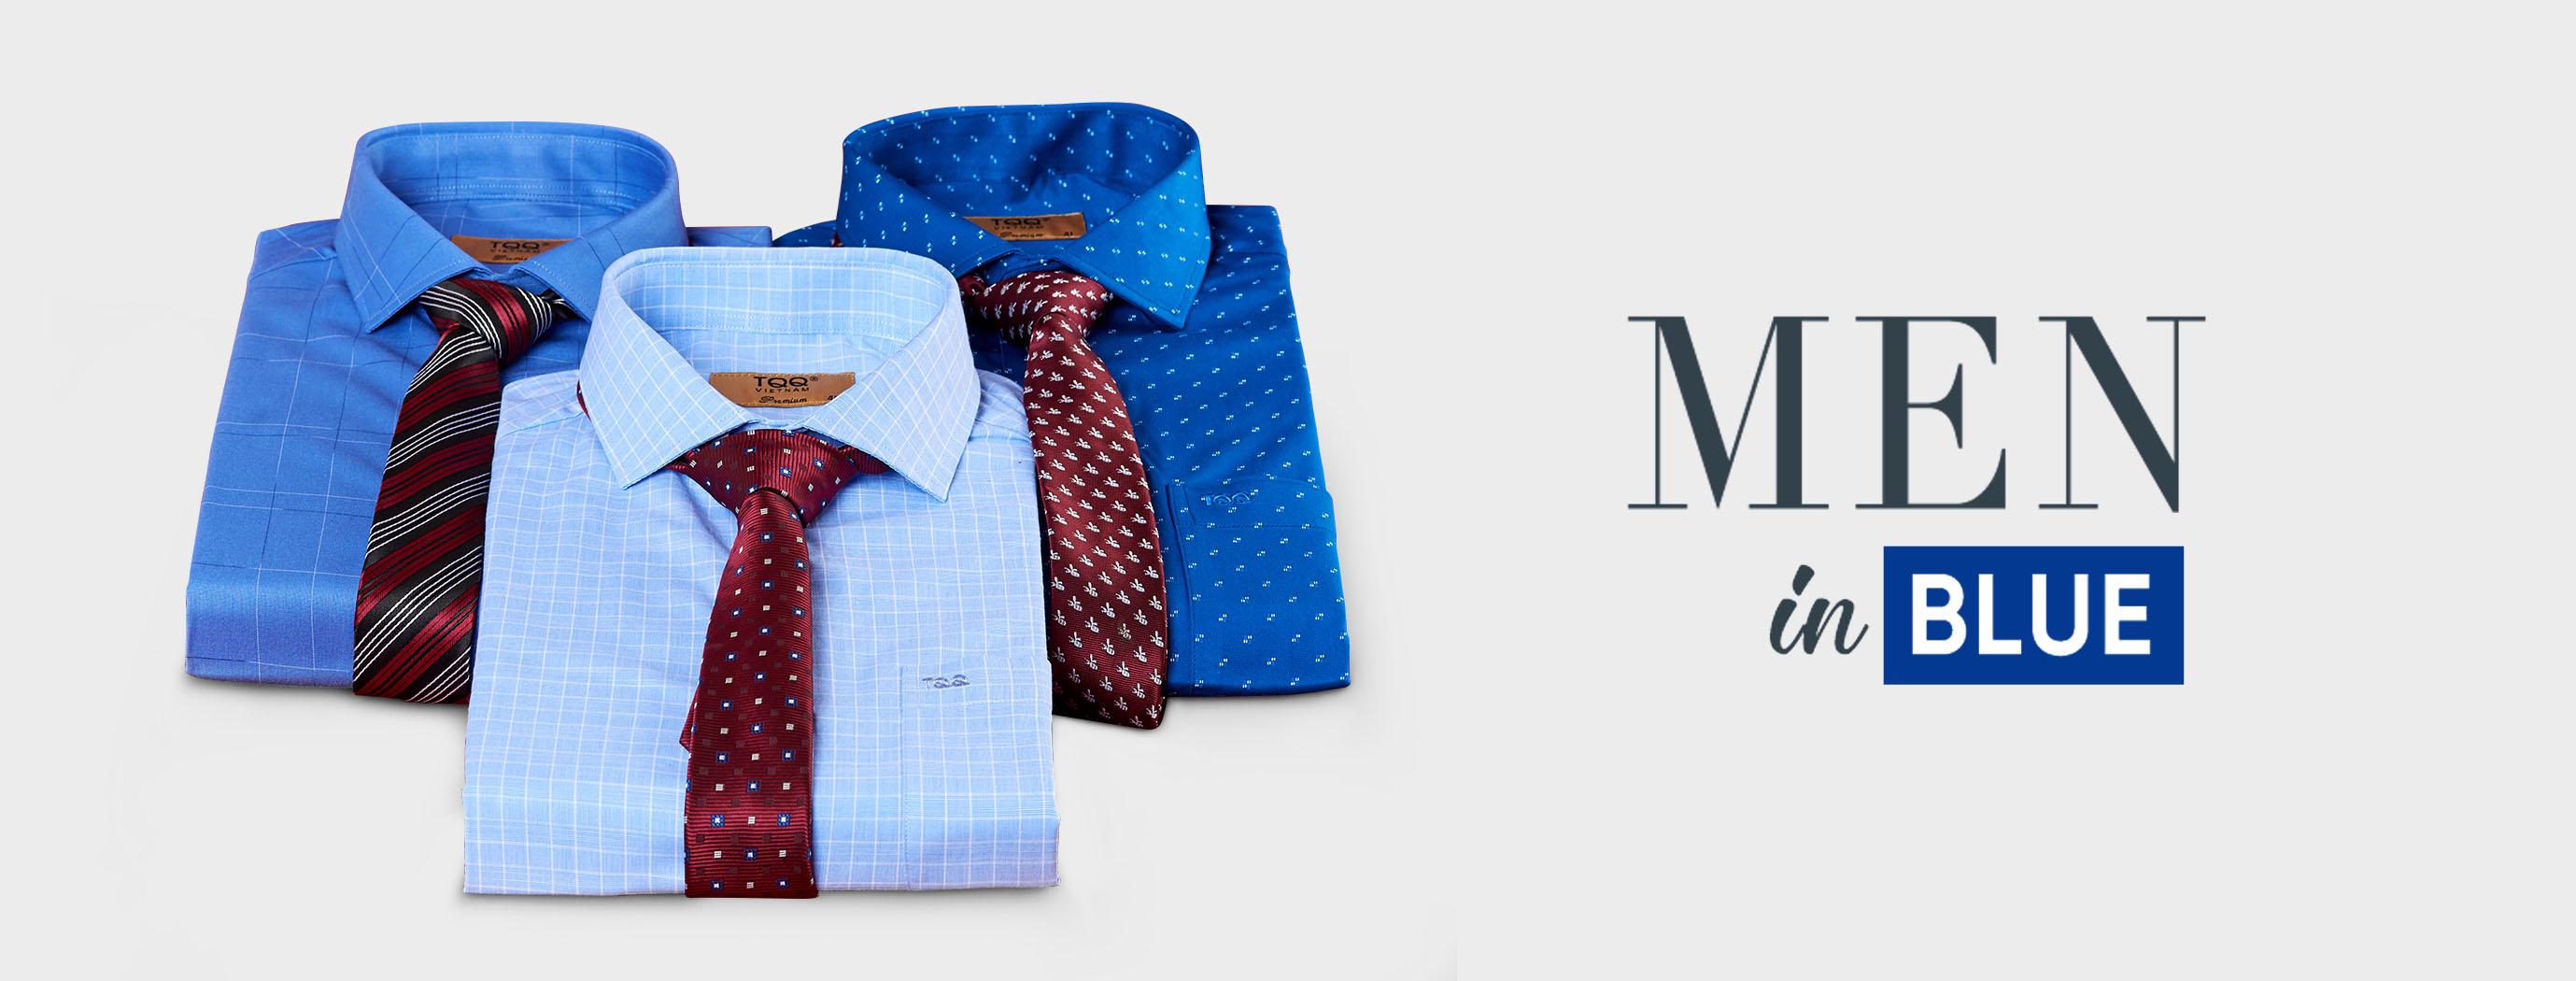 Sang trọng và đẳng cấp với các thiết kế trong bộ sưu tập Men in Blue